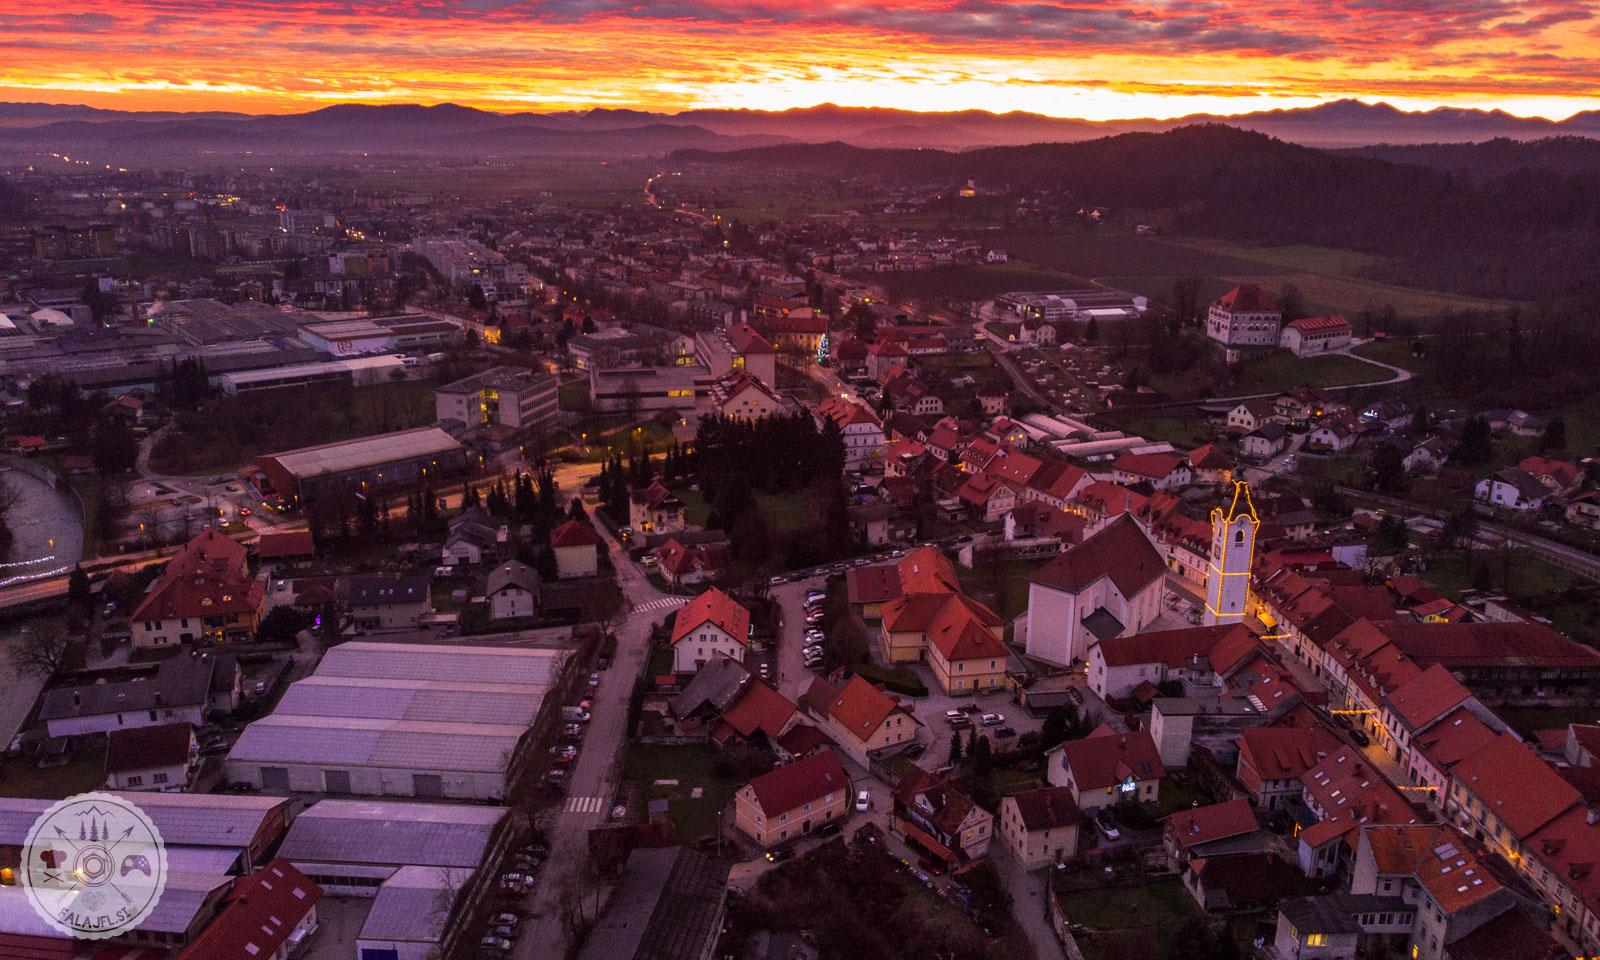 1_praznicna-mesta-2019-kamnik-foto18